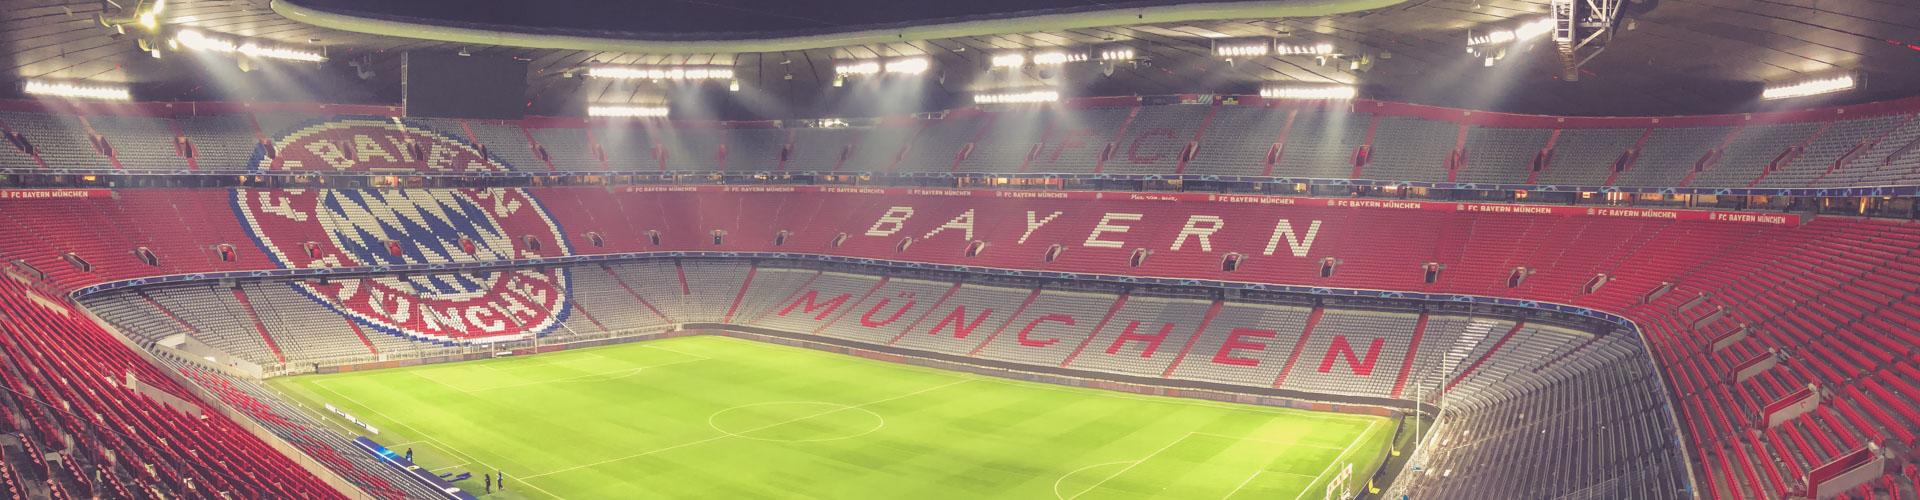 Allianz Arena, FC Bayern München - Panorama